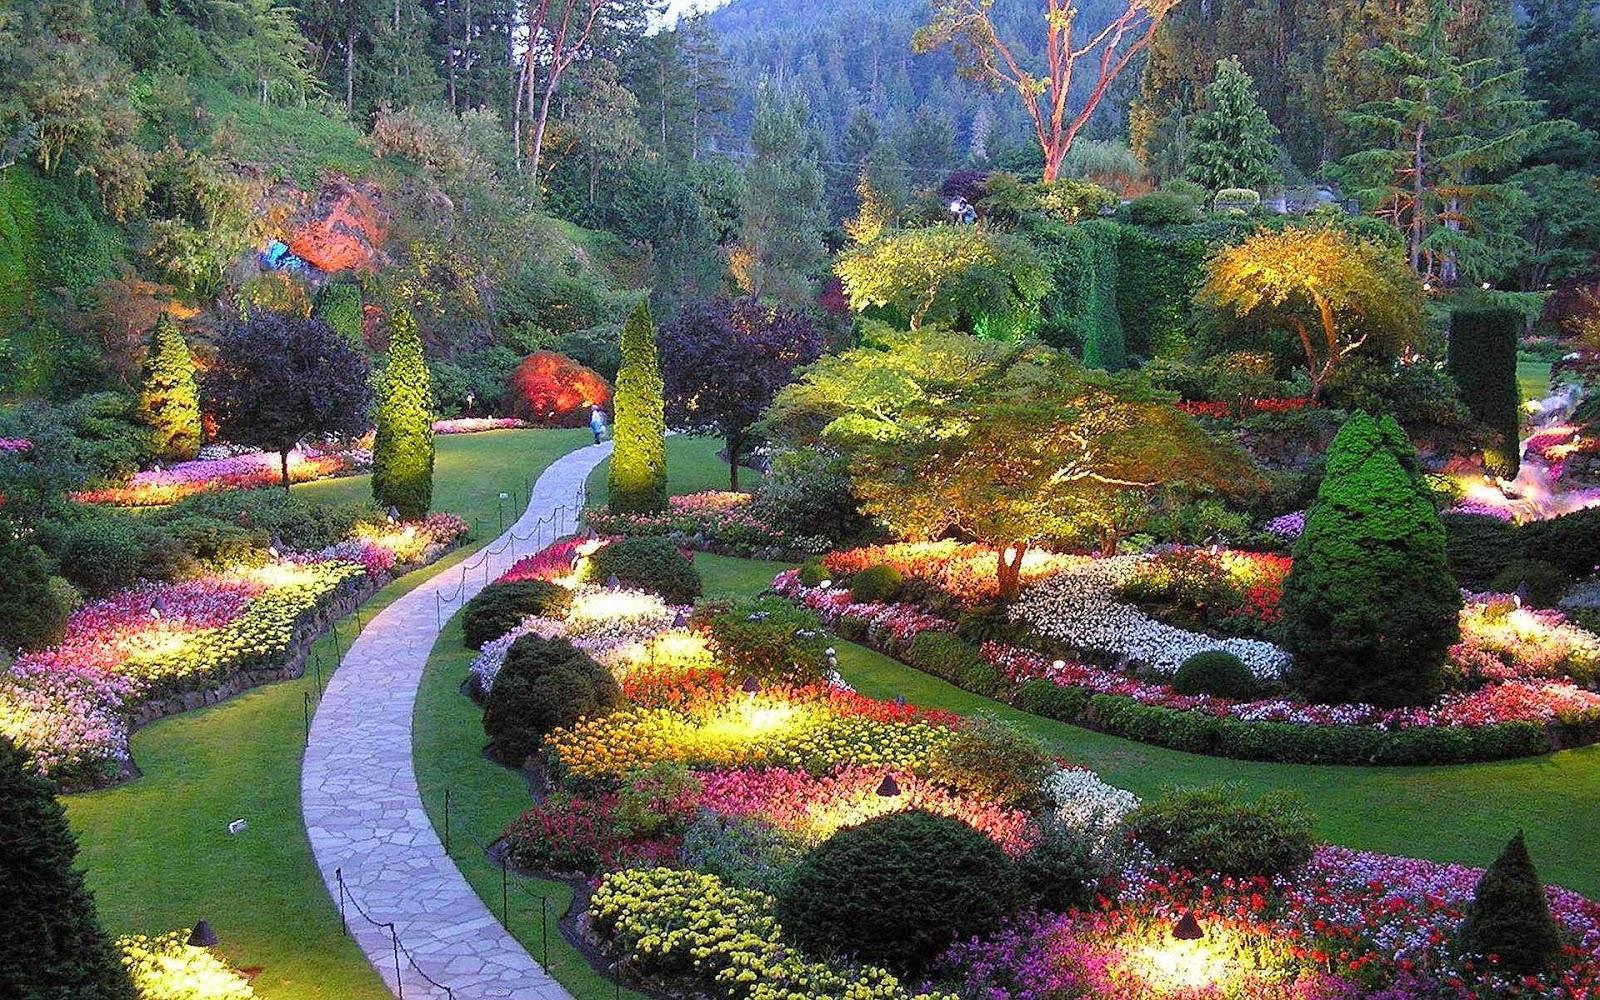 imagens jardins lindos : imagens jardins lindos:OS JARDINS DE BUTCHART – UM DOS JARDINS MAIS LINDOS DO MUNDO